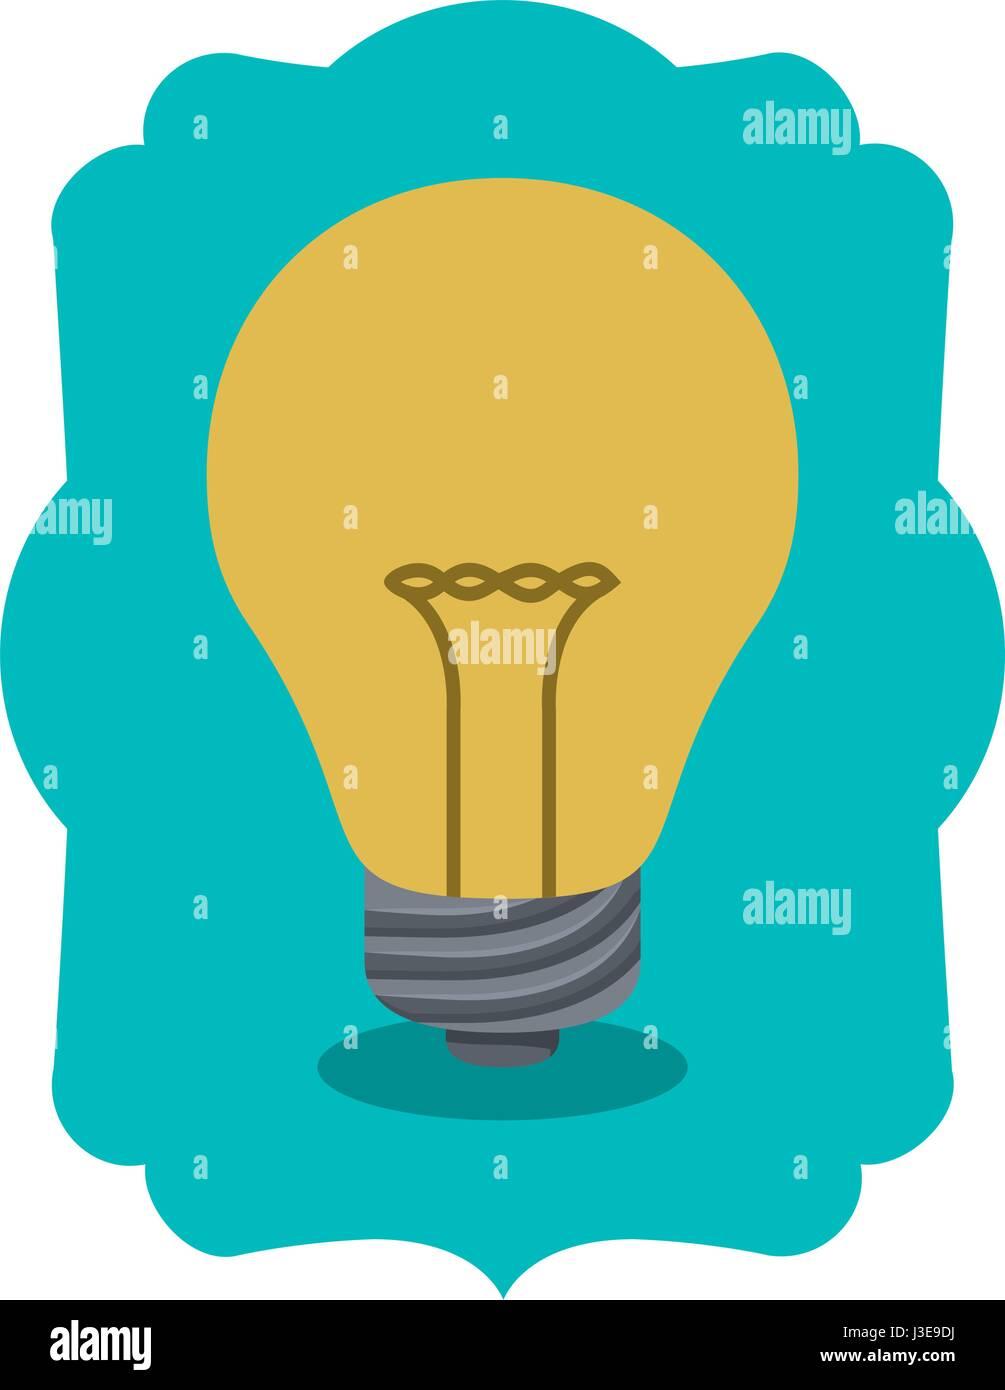 Isolated light bulb inside frame design - Stock Vector